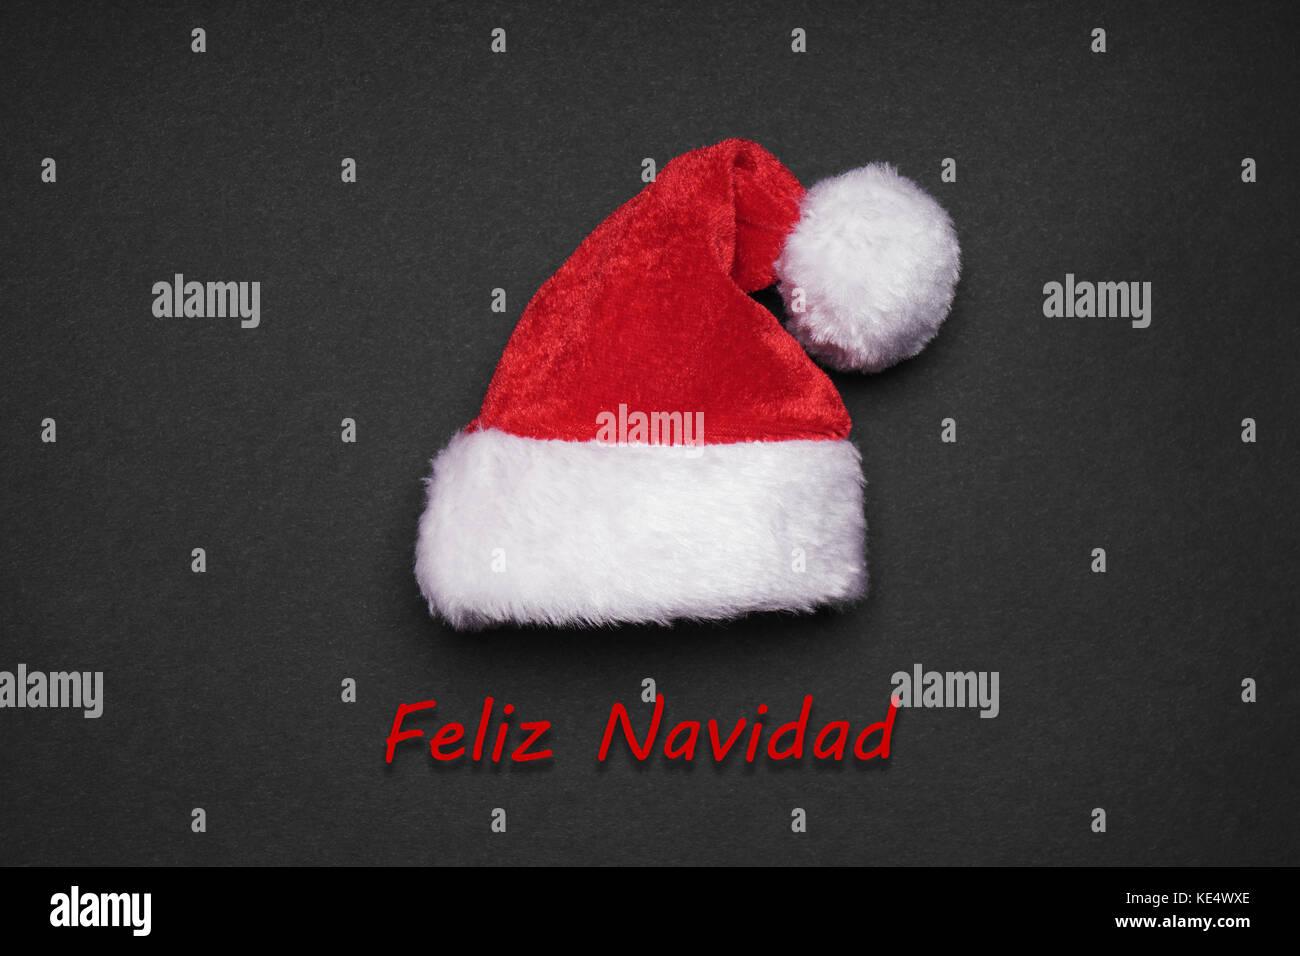 Feliz Navidad spanische Weihnachten Grußkarte Stockbild